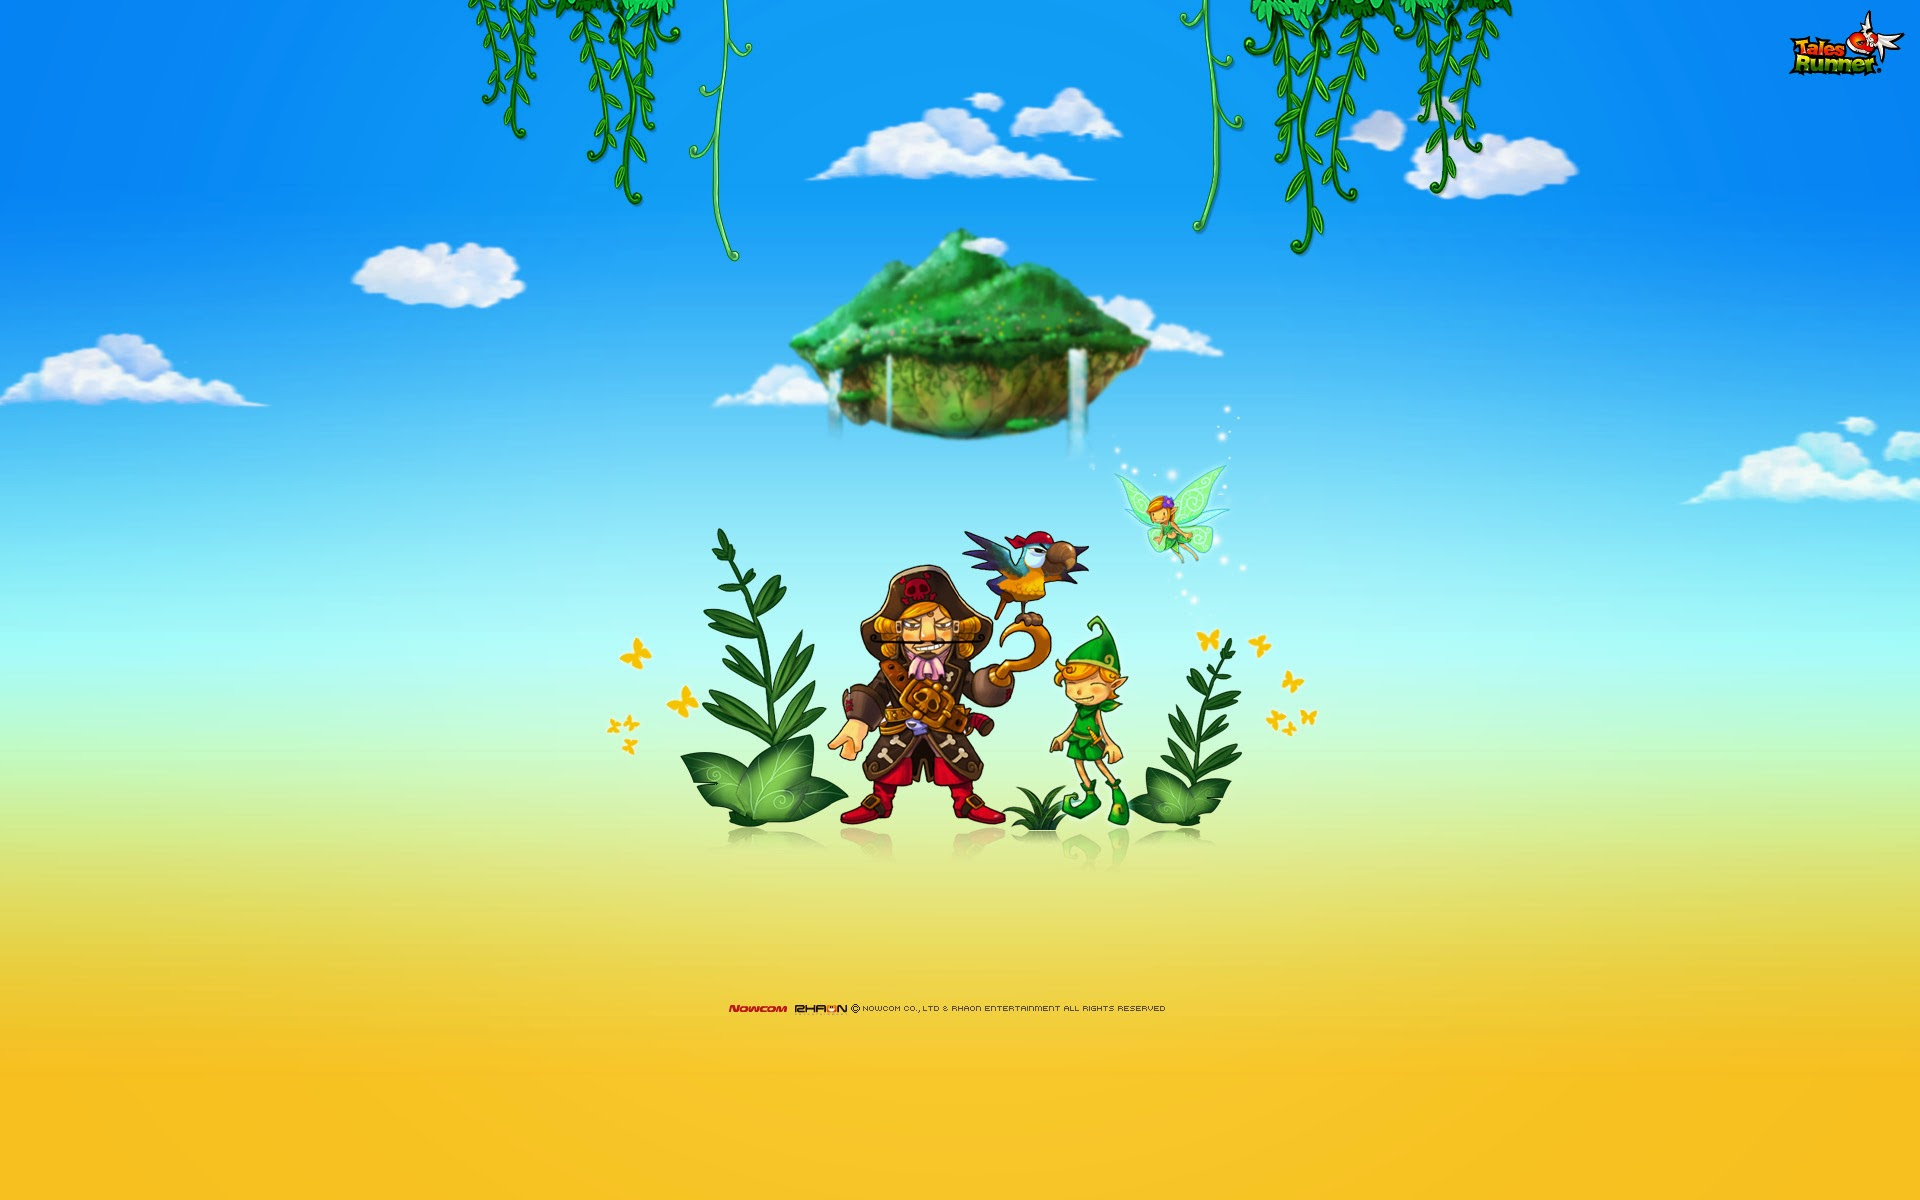 Ngắm hình nền dễ thương của GoGoRun Bắc Mỹ - Ảnh 4